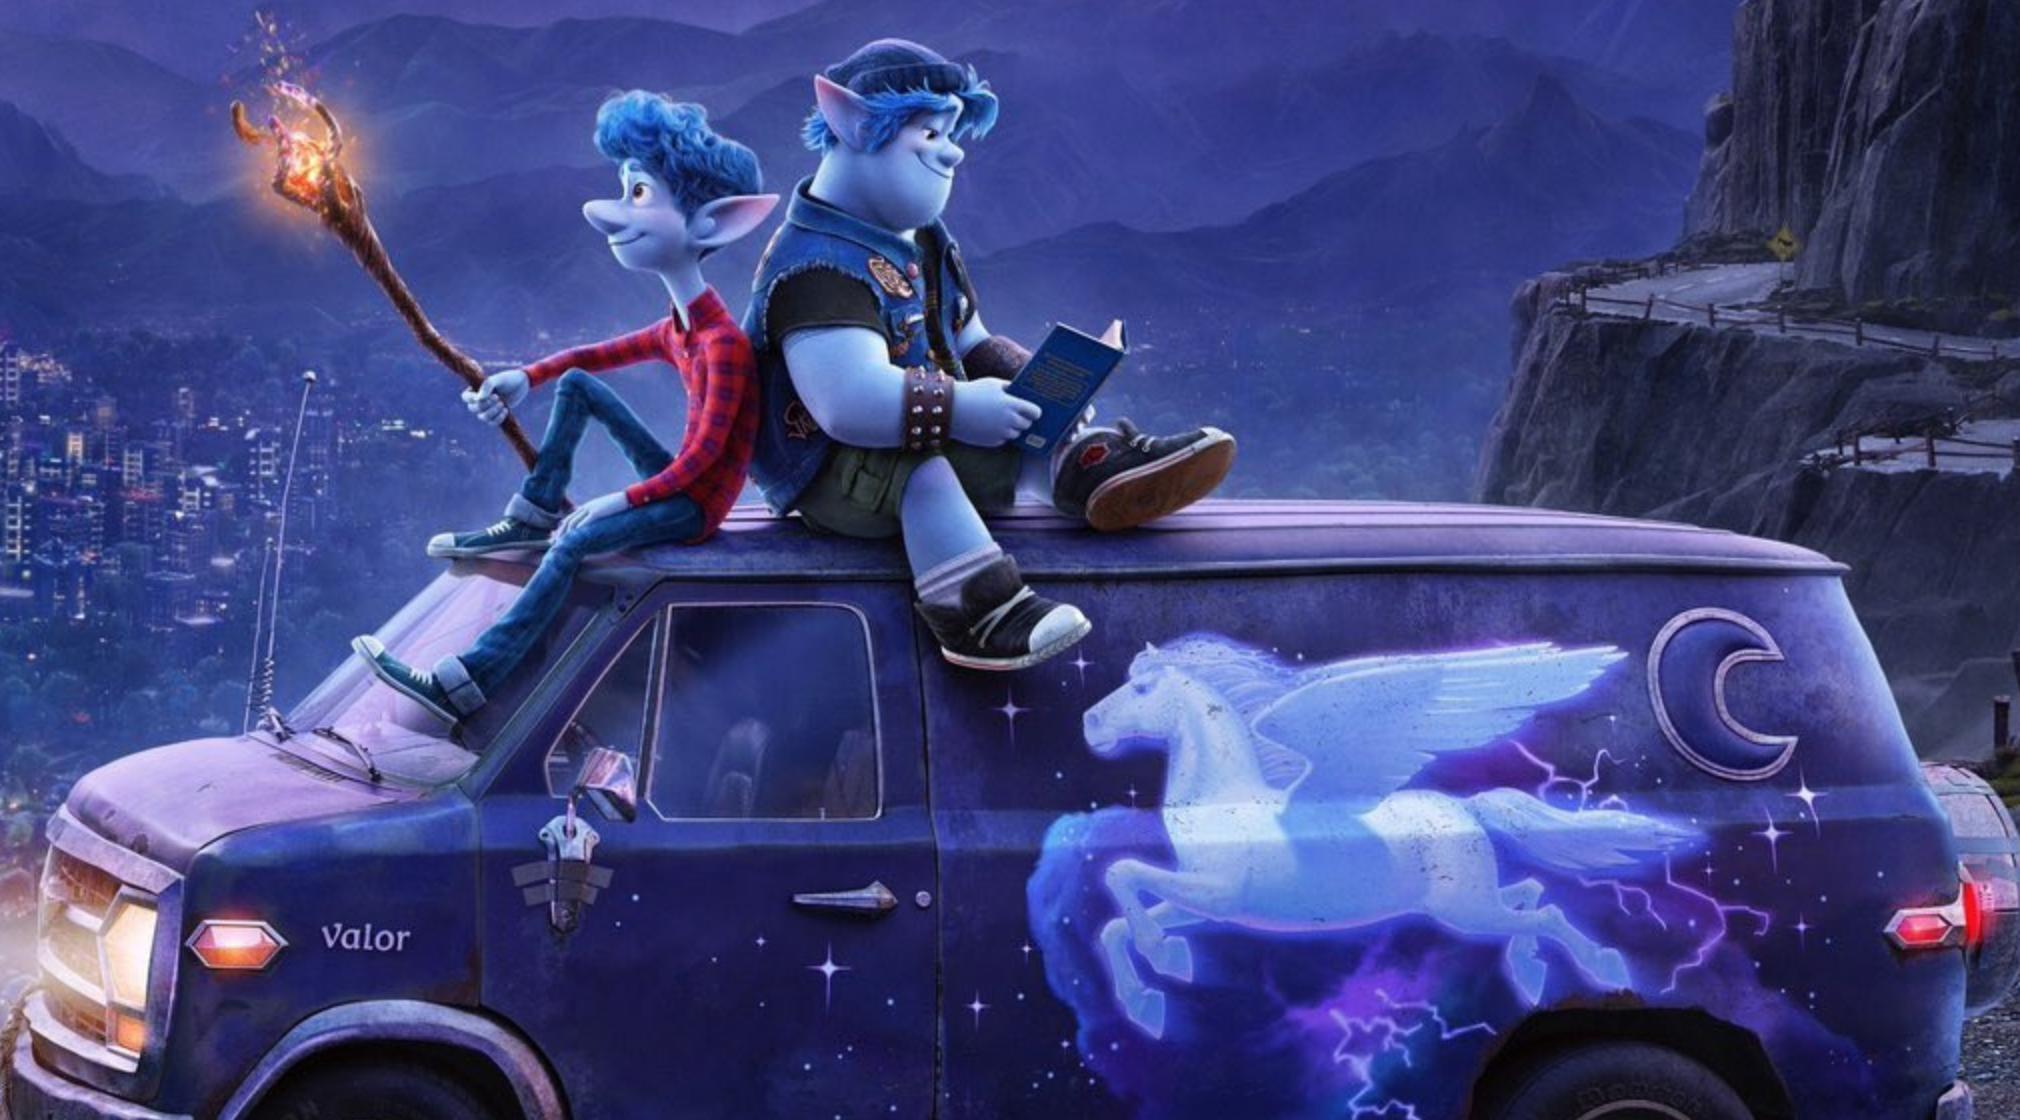 Imagem de filme Pixar